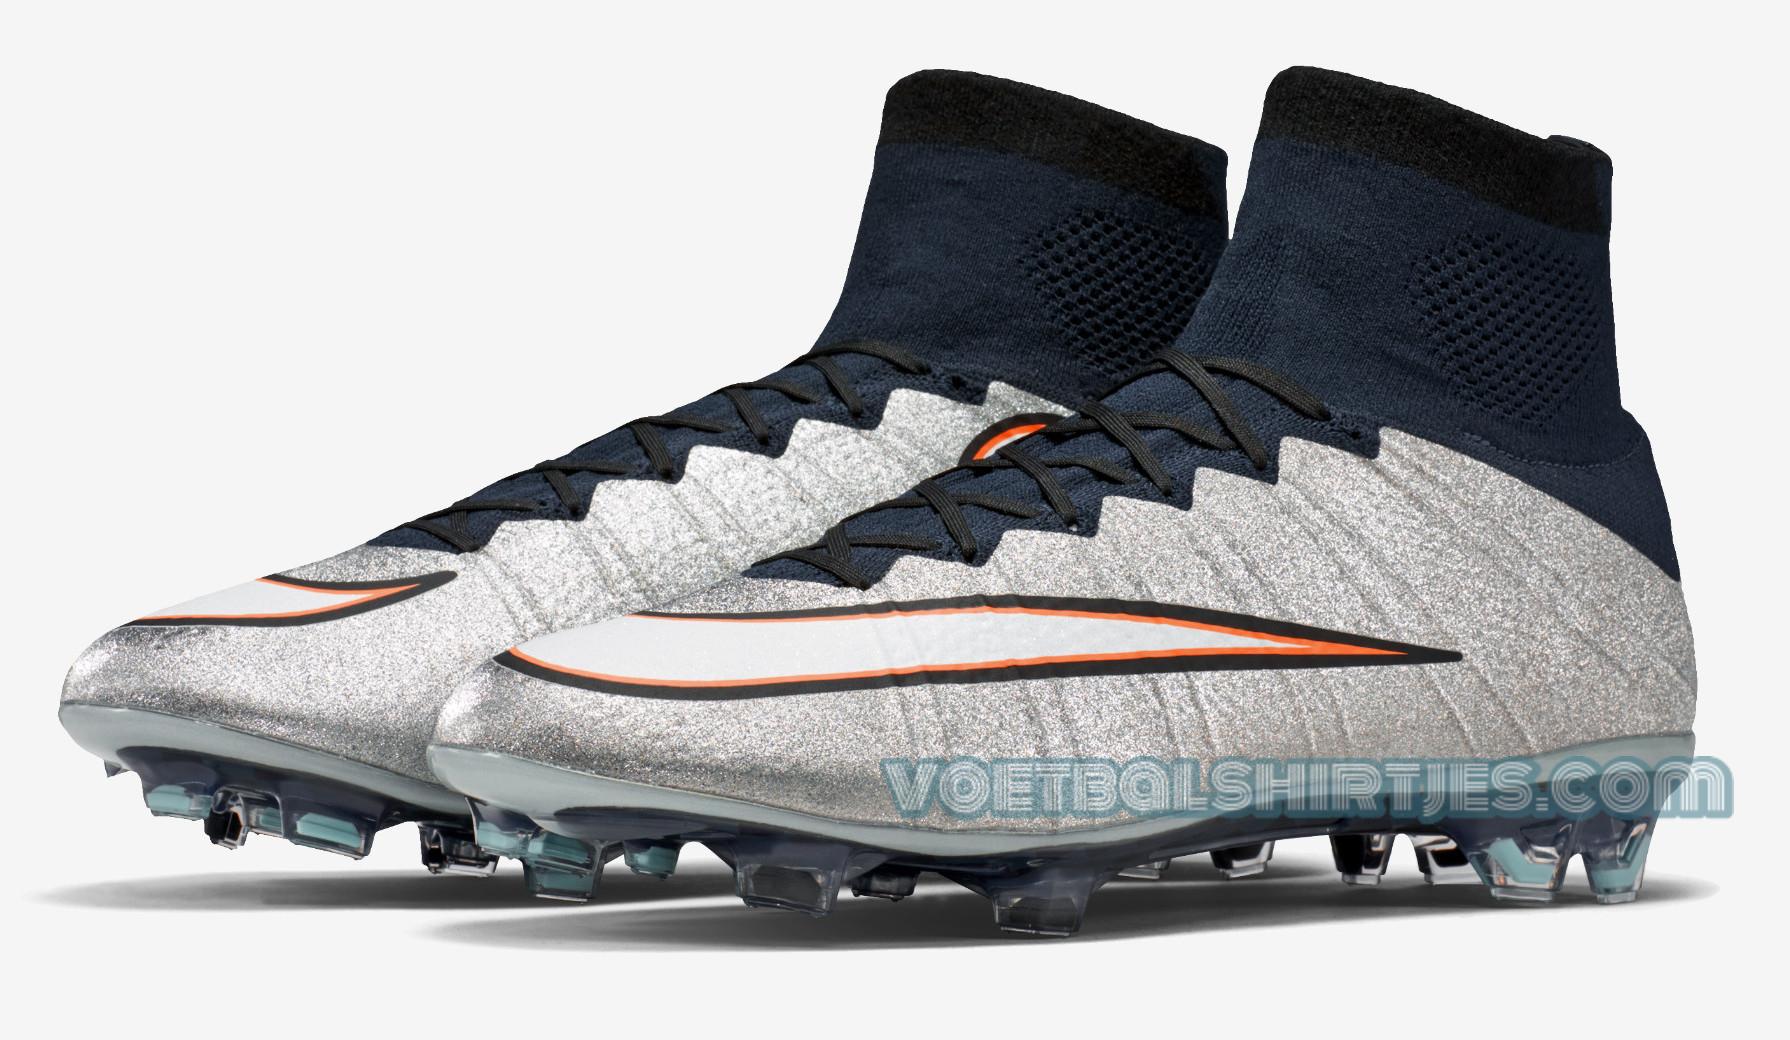 Nike Voetbalschoenen 2015 Met Sokje